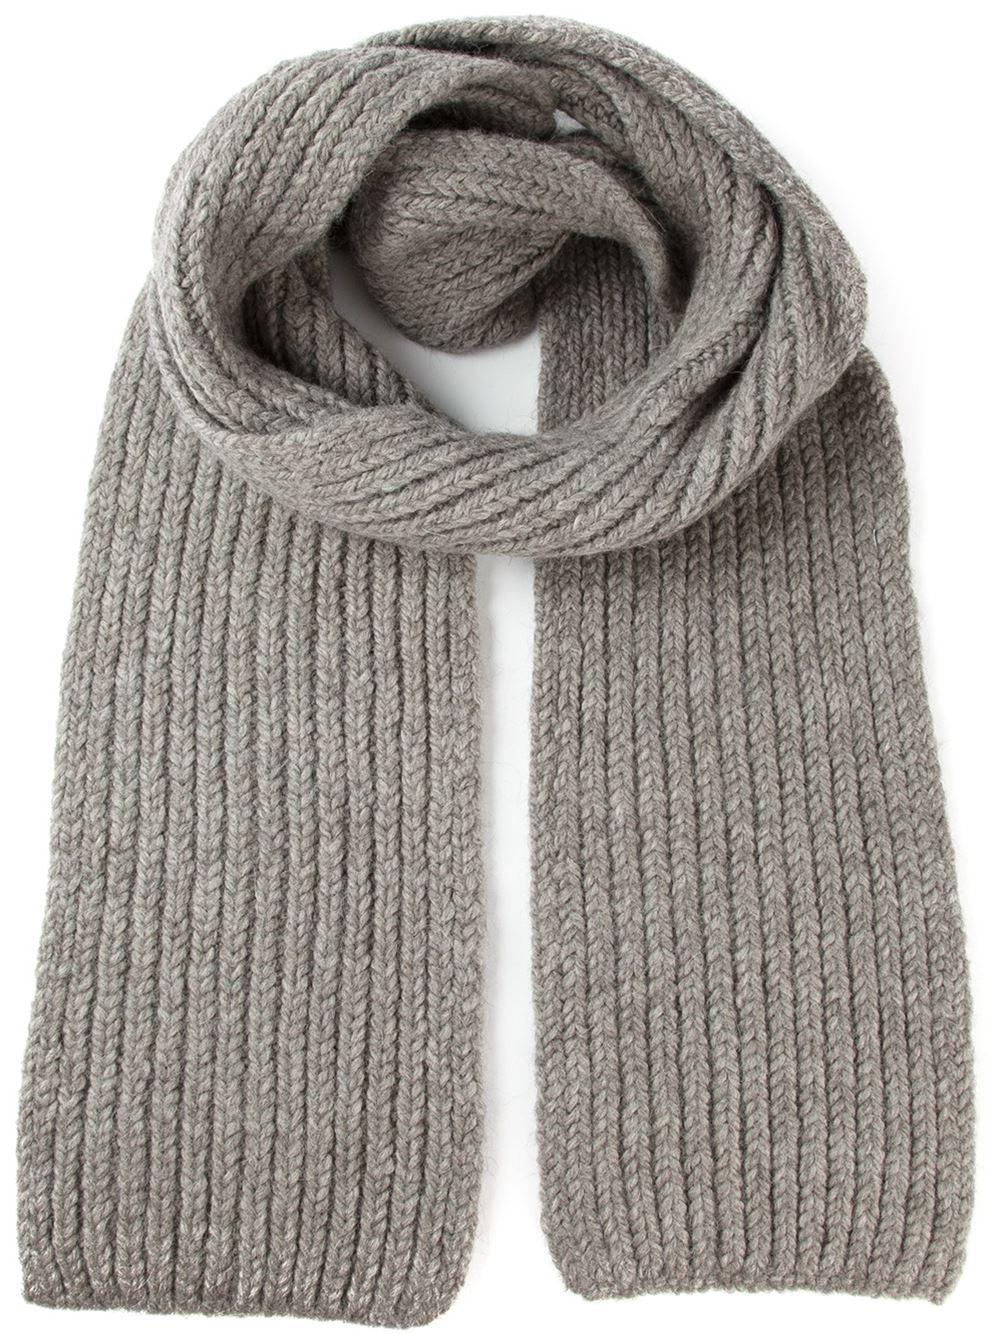 Rib Knit Scarf Pattern